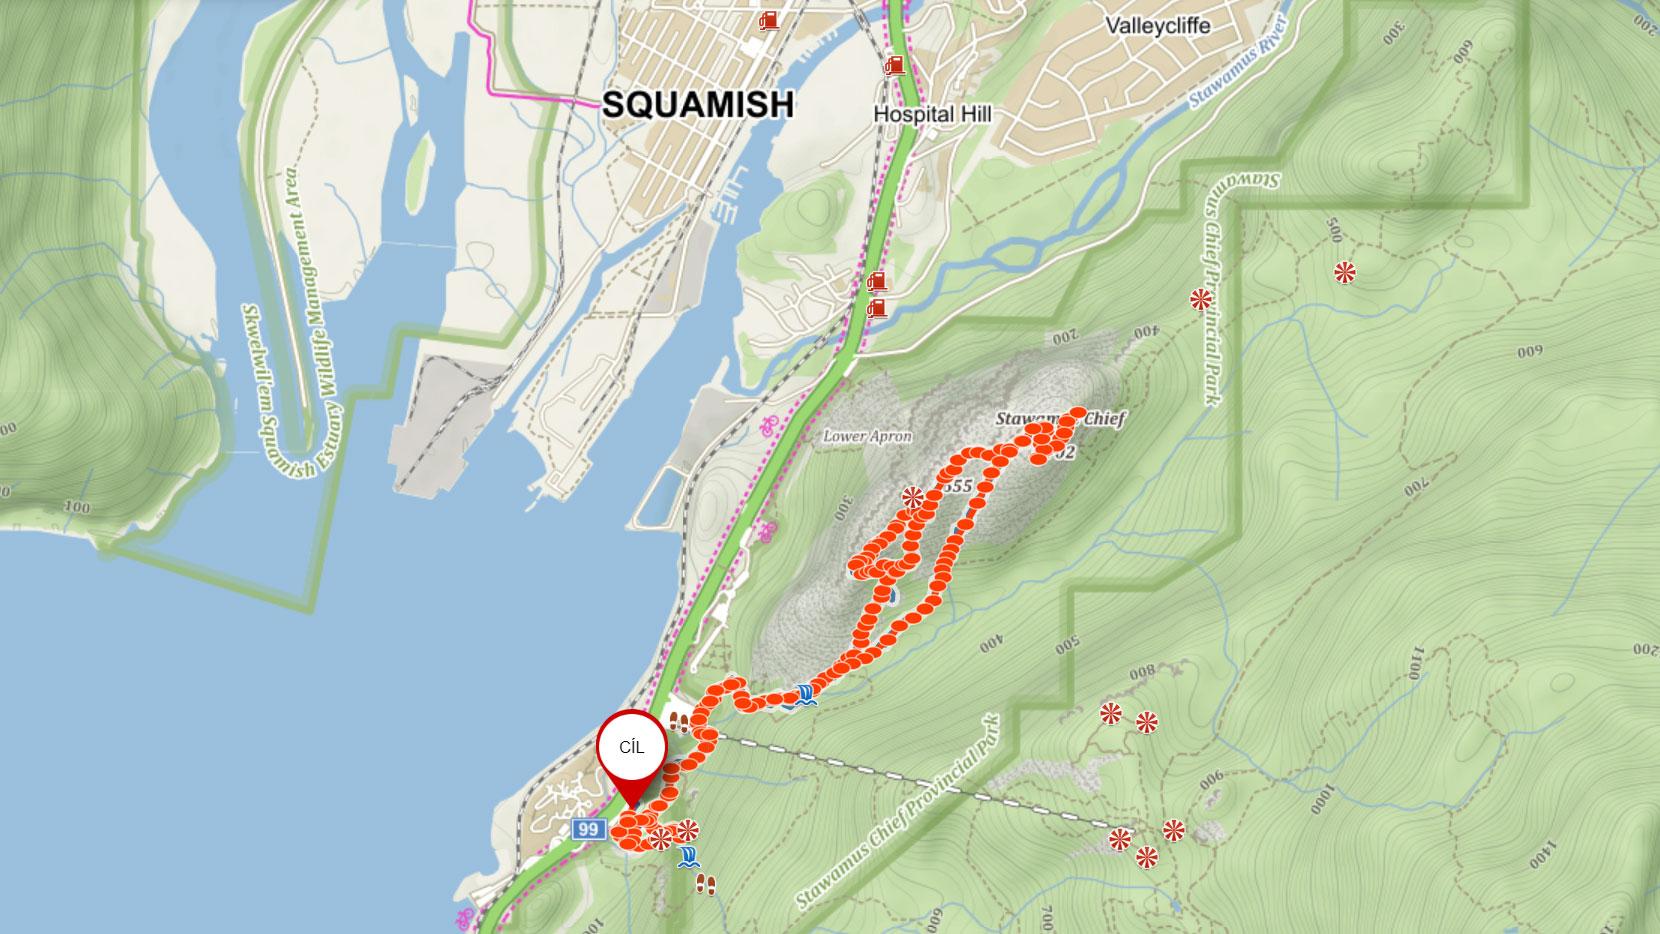 Popisovaná trasa na tři vrcholy Stawamus Chief u Squamishe v Kanadě